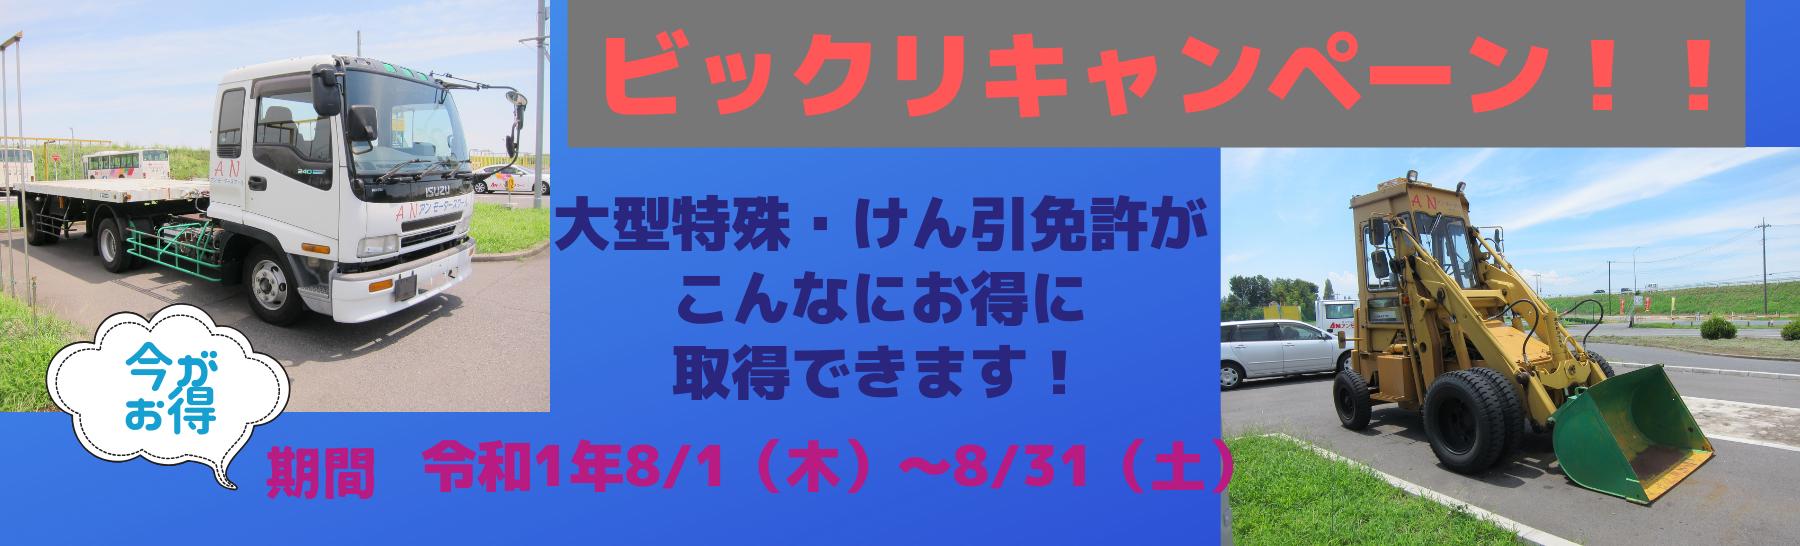 8月~大型特殊・けん引免許がこんなにお得に取得できます!!!